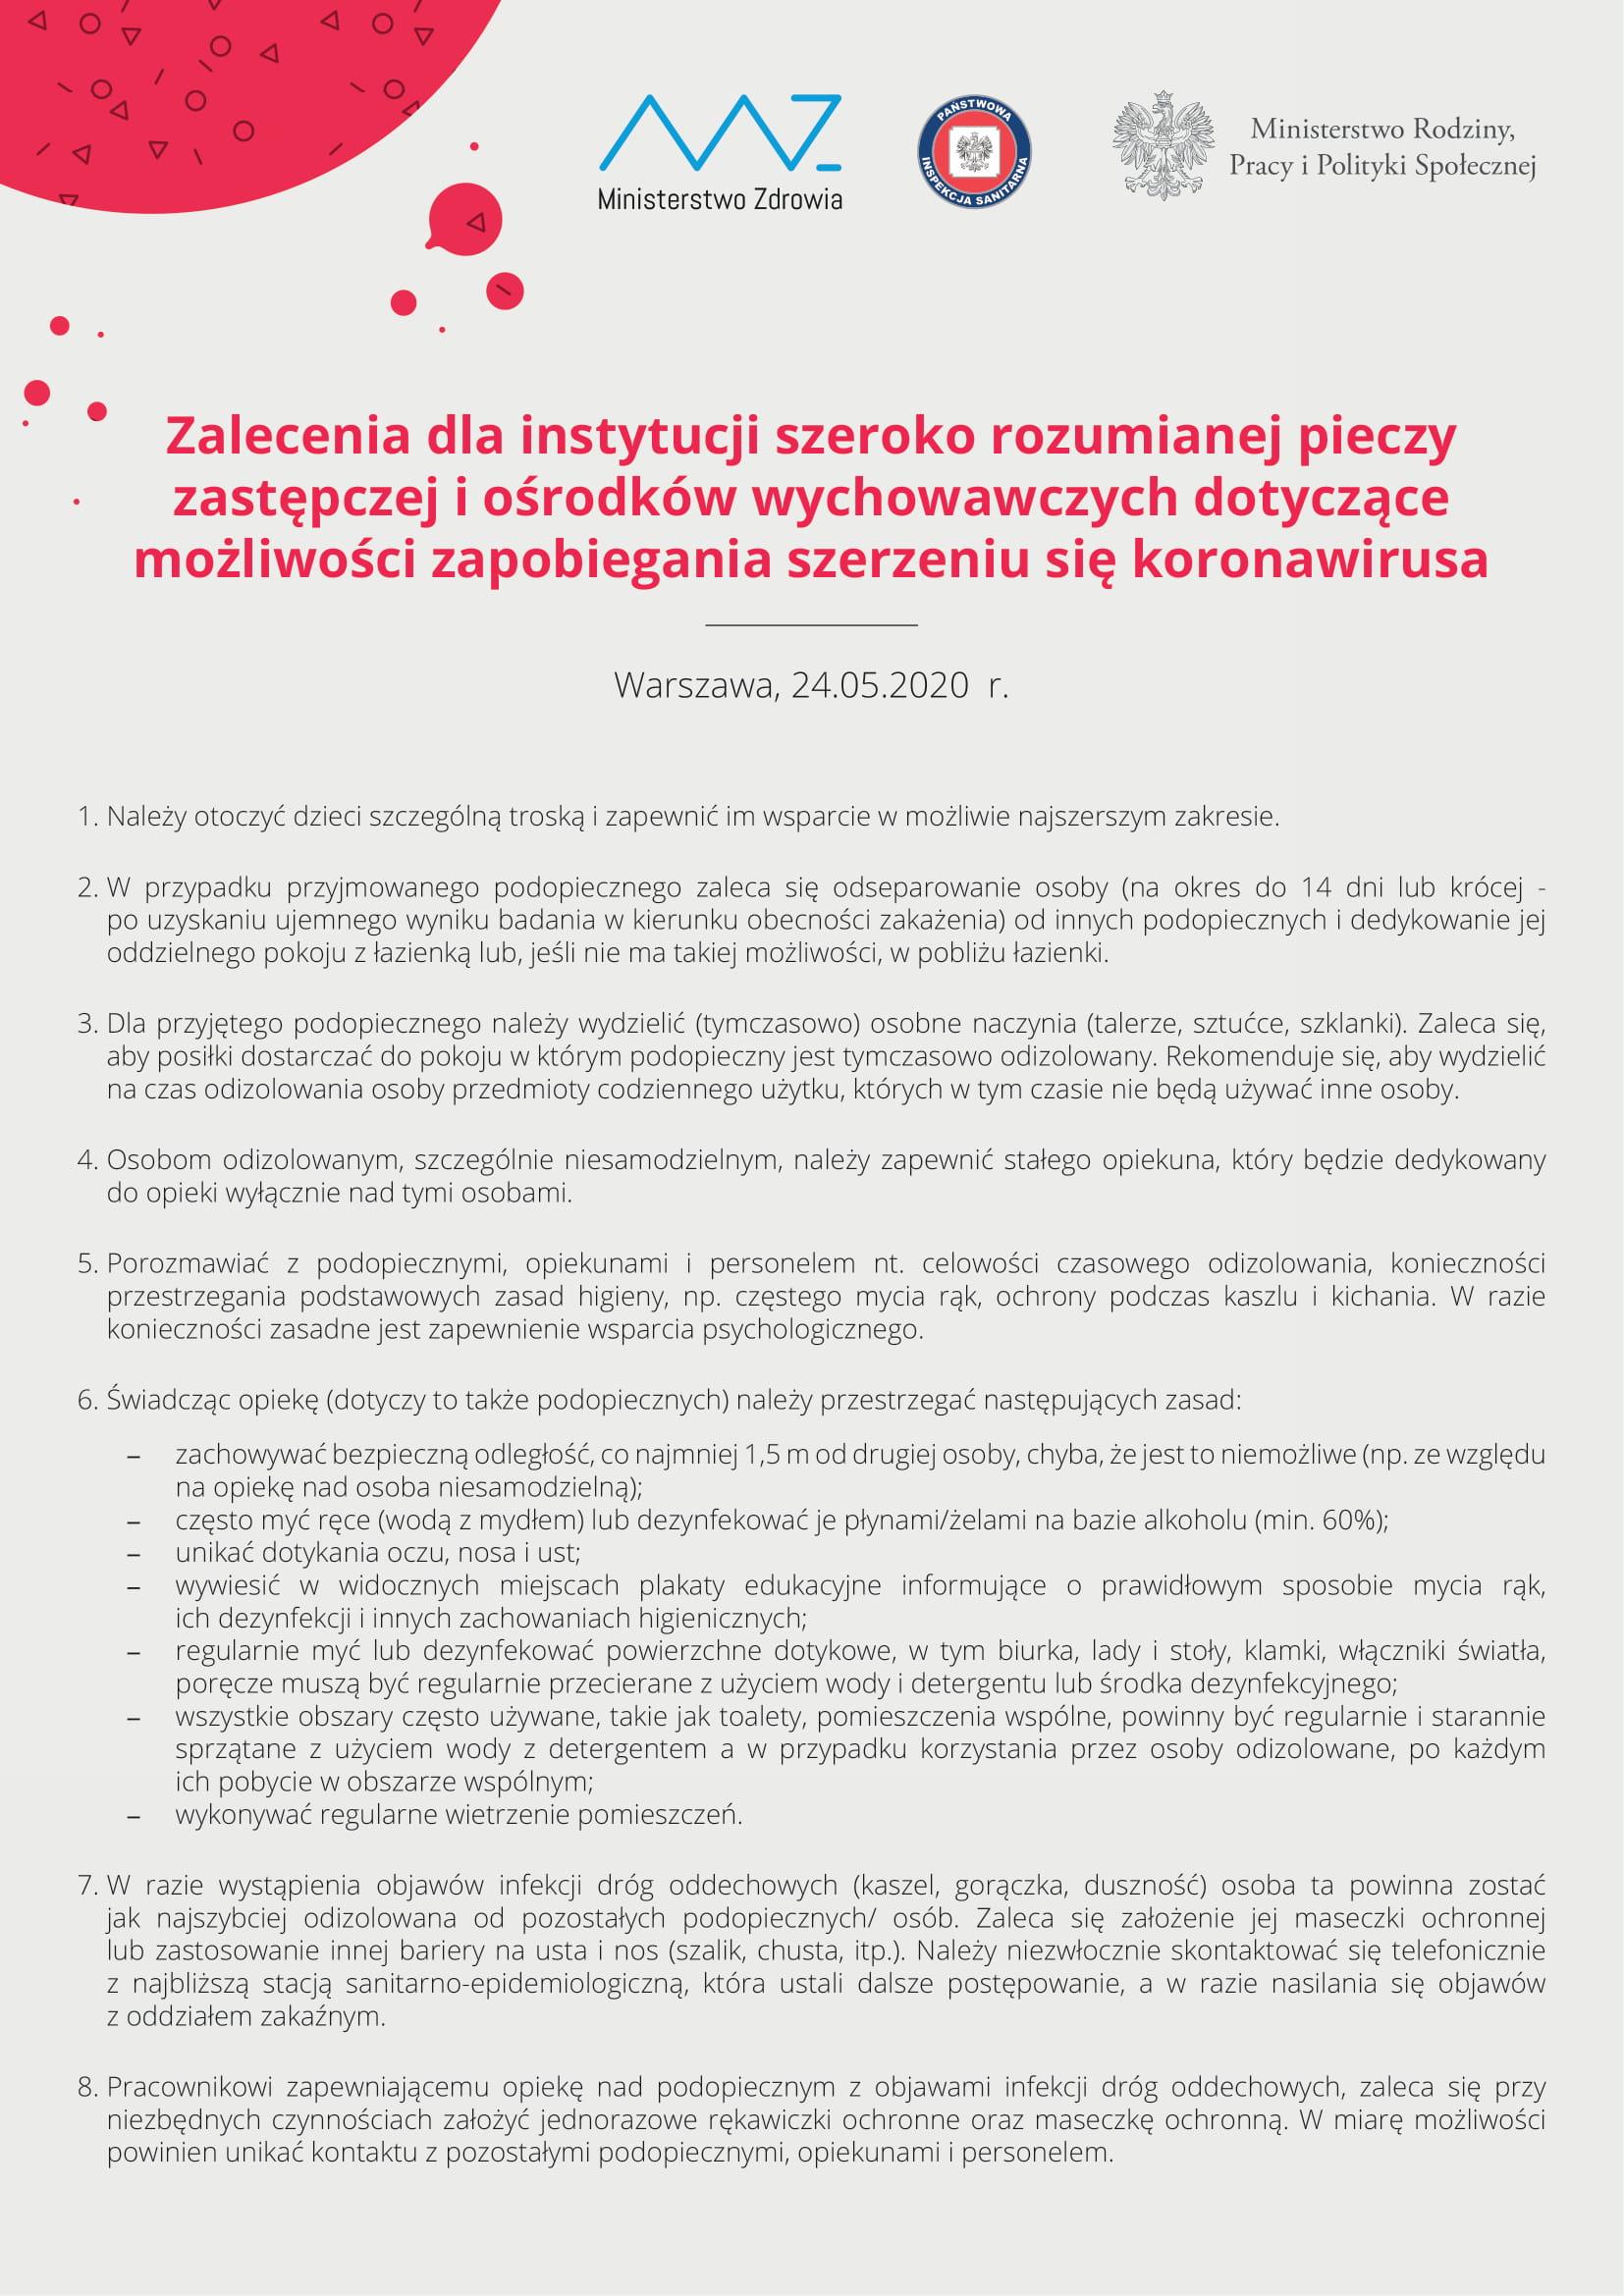 Zalecenia Ministerstwa Zdrowia dla rodzin zastępczych oraz instytucji pieczy zastępczej